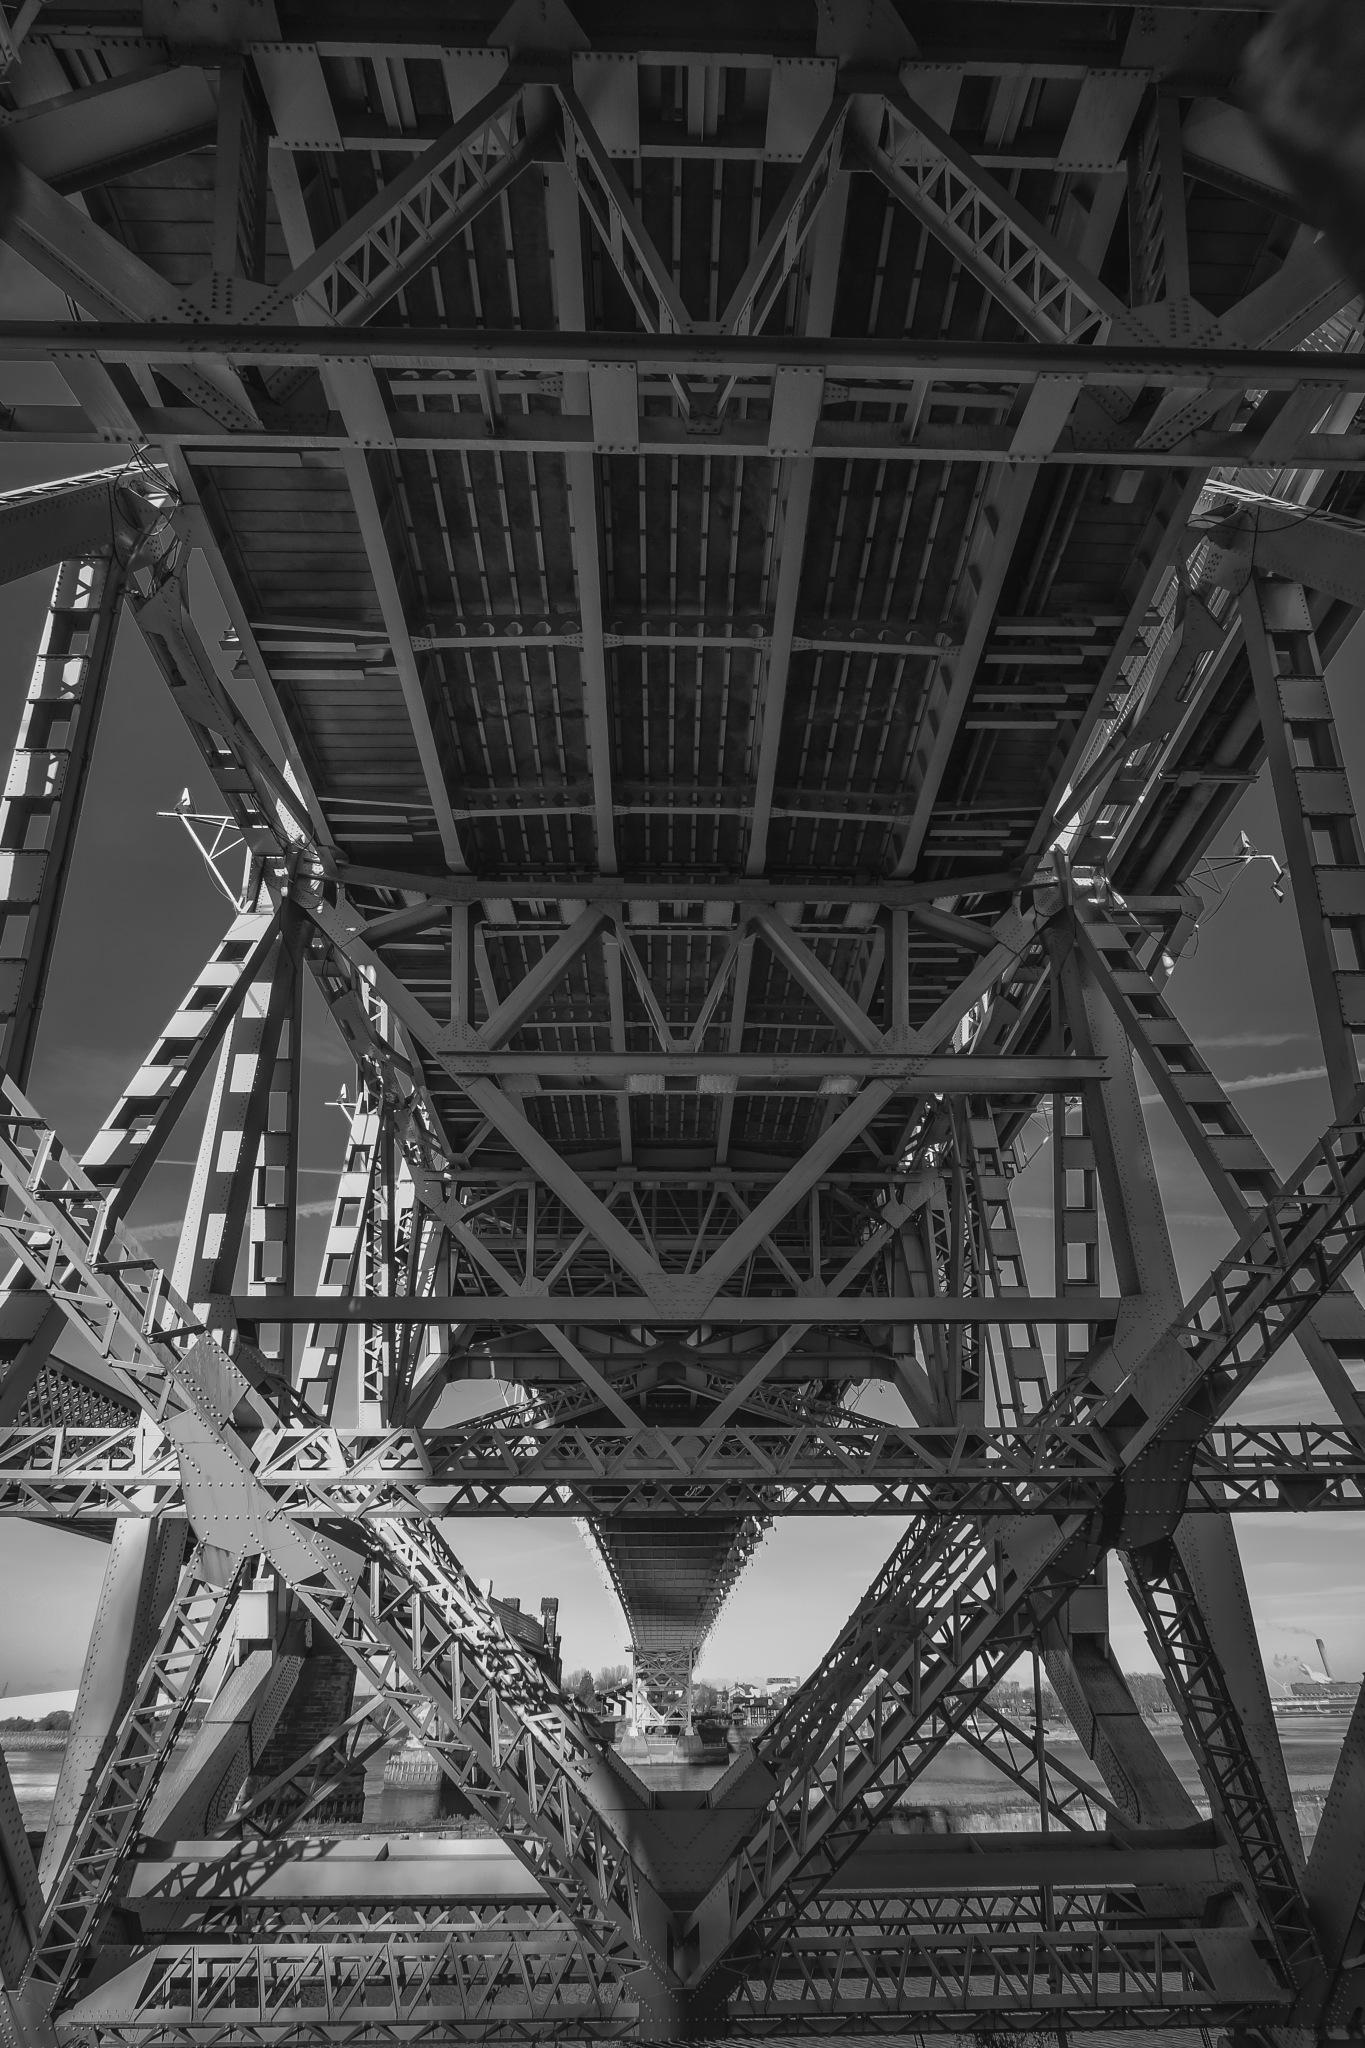 Under Runcorn Bridge by Martin Beecroft